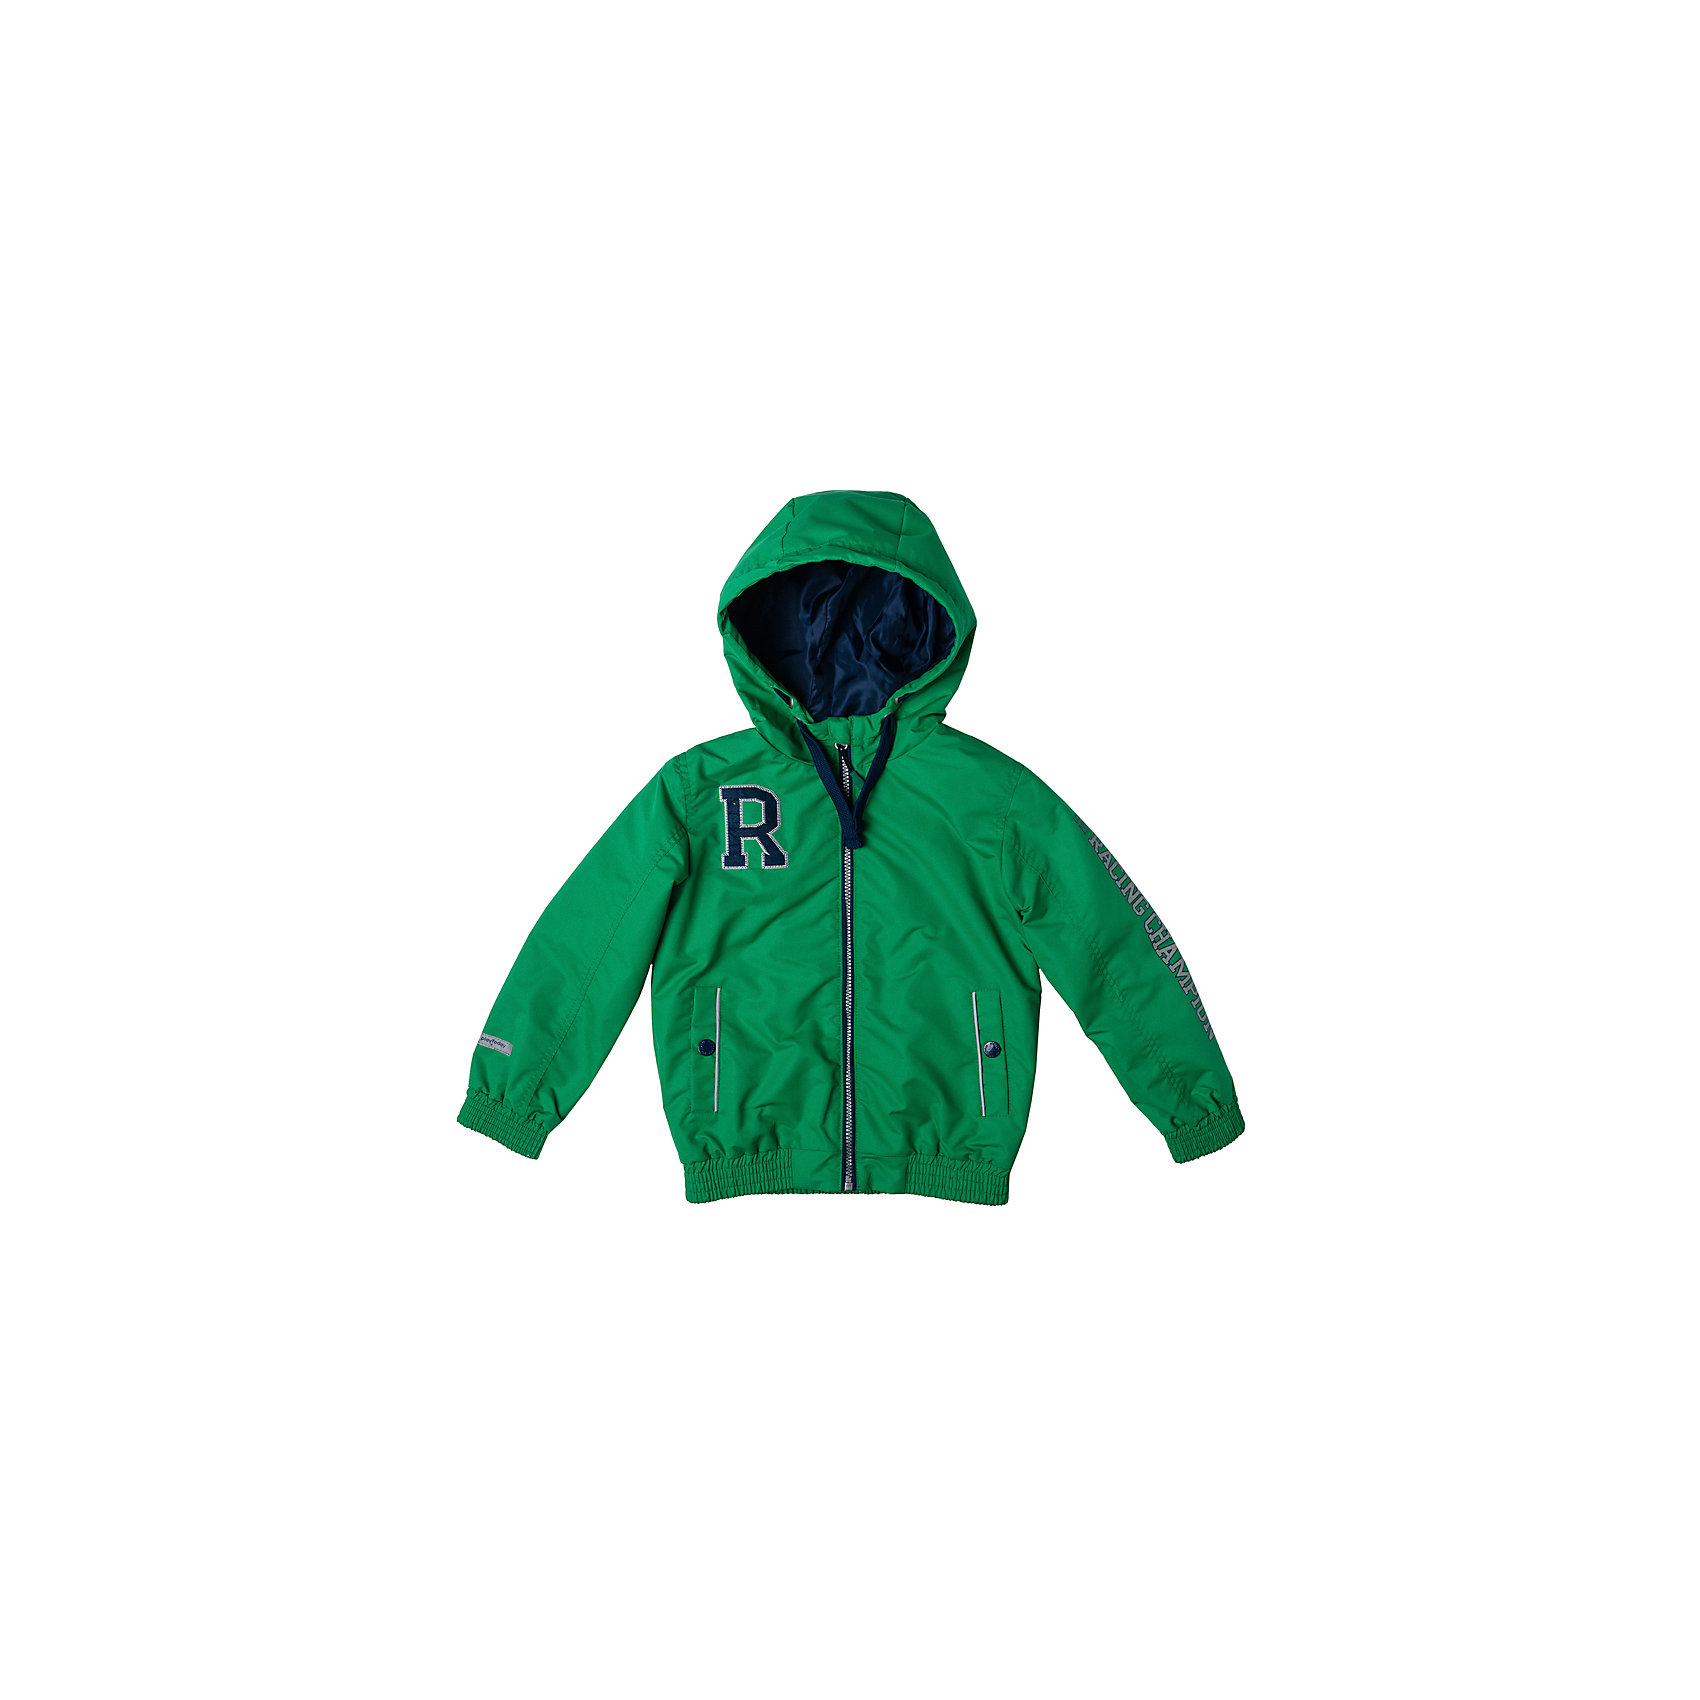 Куртка для мальчика PlayTodayВерхняя одежда<br>Куртка для мальчика PlayToday<br>Яркая куртка из плотной водоотталкивающей ткани на теплой флисовой подкладке подойдет для дождливой ветренной погоды. Специальный карман для фиксации застежки-молнии не позволит застежке травмировать нежную кожу ребенка. Куртку украшают яркая аппликация и принт на рукаве. Прорезные карманы на застежках кнопках дополнены светоотражателями, Ваш ребенок будет виден в темное время суток. Капюшон можно отрегулировать шнуром - кулиской. Рукава на плотной удобной резинке не дадут замерзнуть <br><br>Преимущества: <br><br>Водоооталкивающая ткань<br>Подкладка из флиса<br>Карманы на застежках - кнопках<br>Светоотражатели на рукаве, подоле и карманах<br>Капюшон на регулируемом шнуре - кулиске<br><br>Состав:<br>Верх: 100% полиэстер, подкладка: 100% полиэстер<br><br>Ширина мм: 356<br>Глубина мм: 10<br>Высота мм: 245<br>Вес г: 519<br>Цвет: разноцветный<br>Возраст от месяцев: 84<br>Возраст до месяцев: 96<br>Пол: Мужской<br>Возраст: Детский<br>Размер: 128,98,104,110,116,122<br>SKU: 5401908